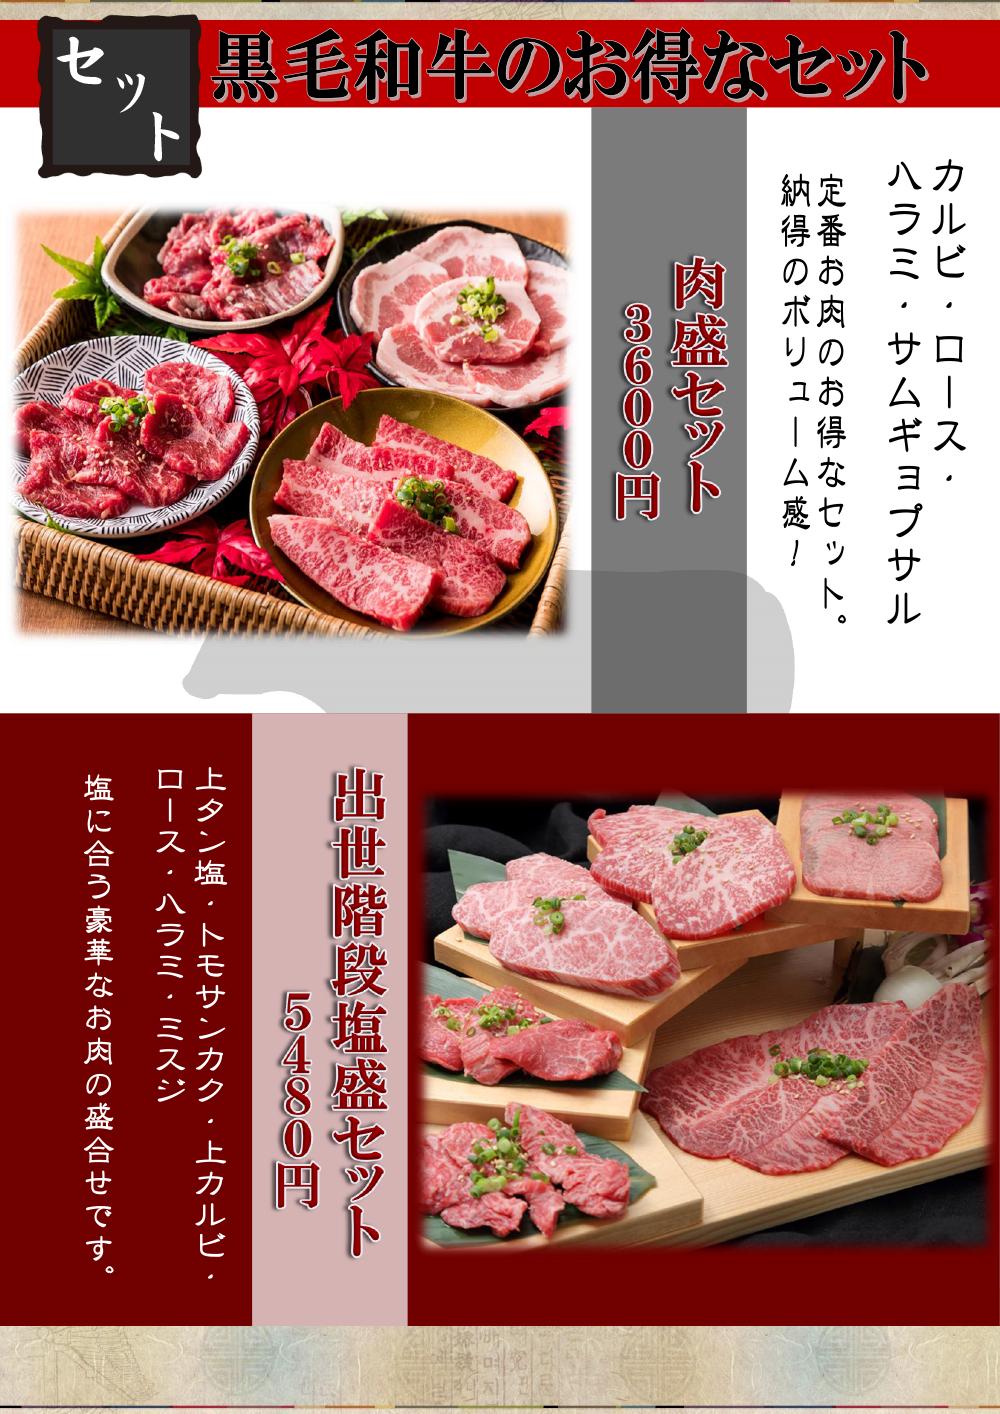 新浦安駅前 MONA店 焼き物メニュー1